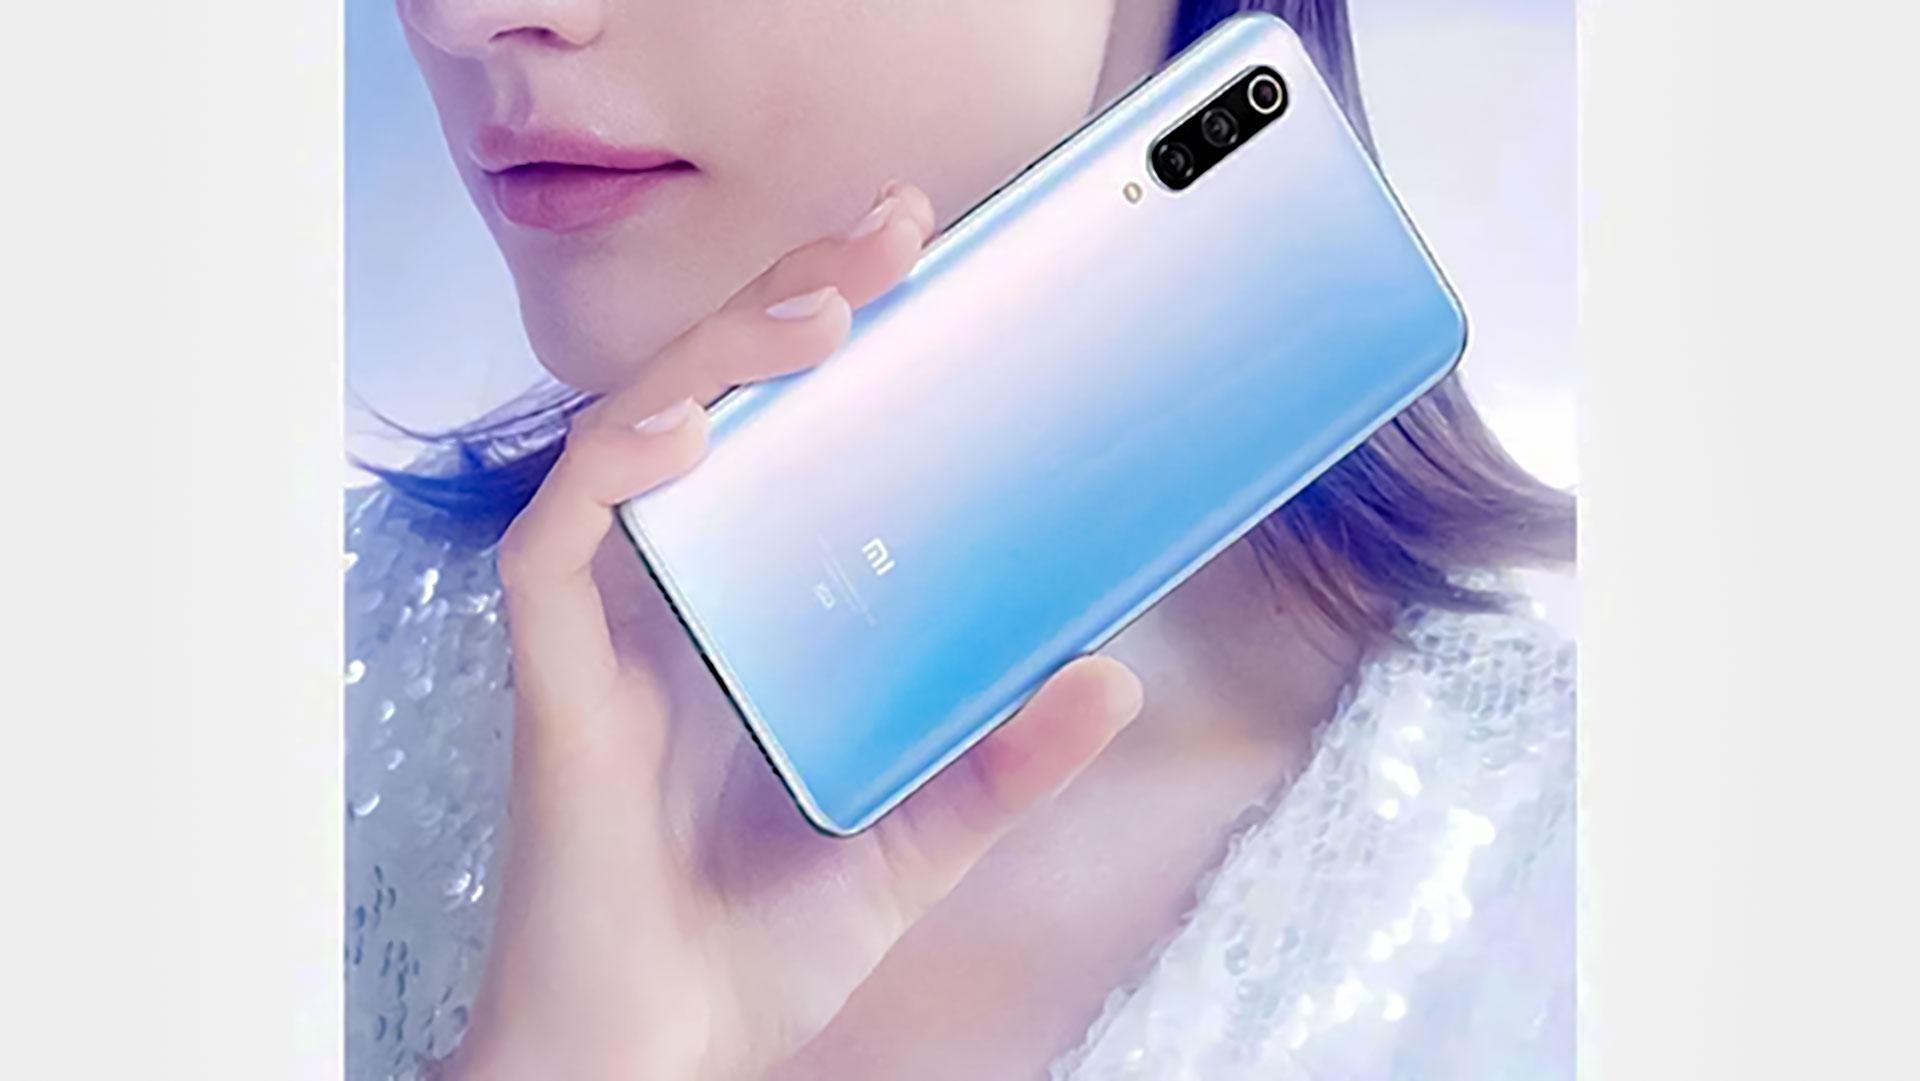 شیائومی می ۹ پرو 5G را در رنگ سفید رویایی ببینید